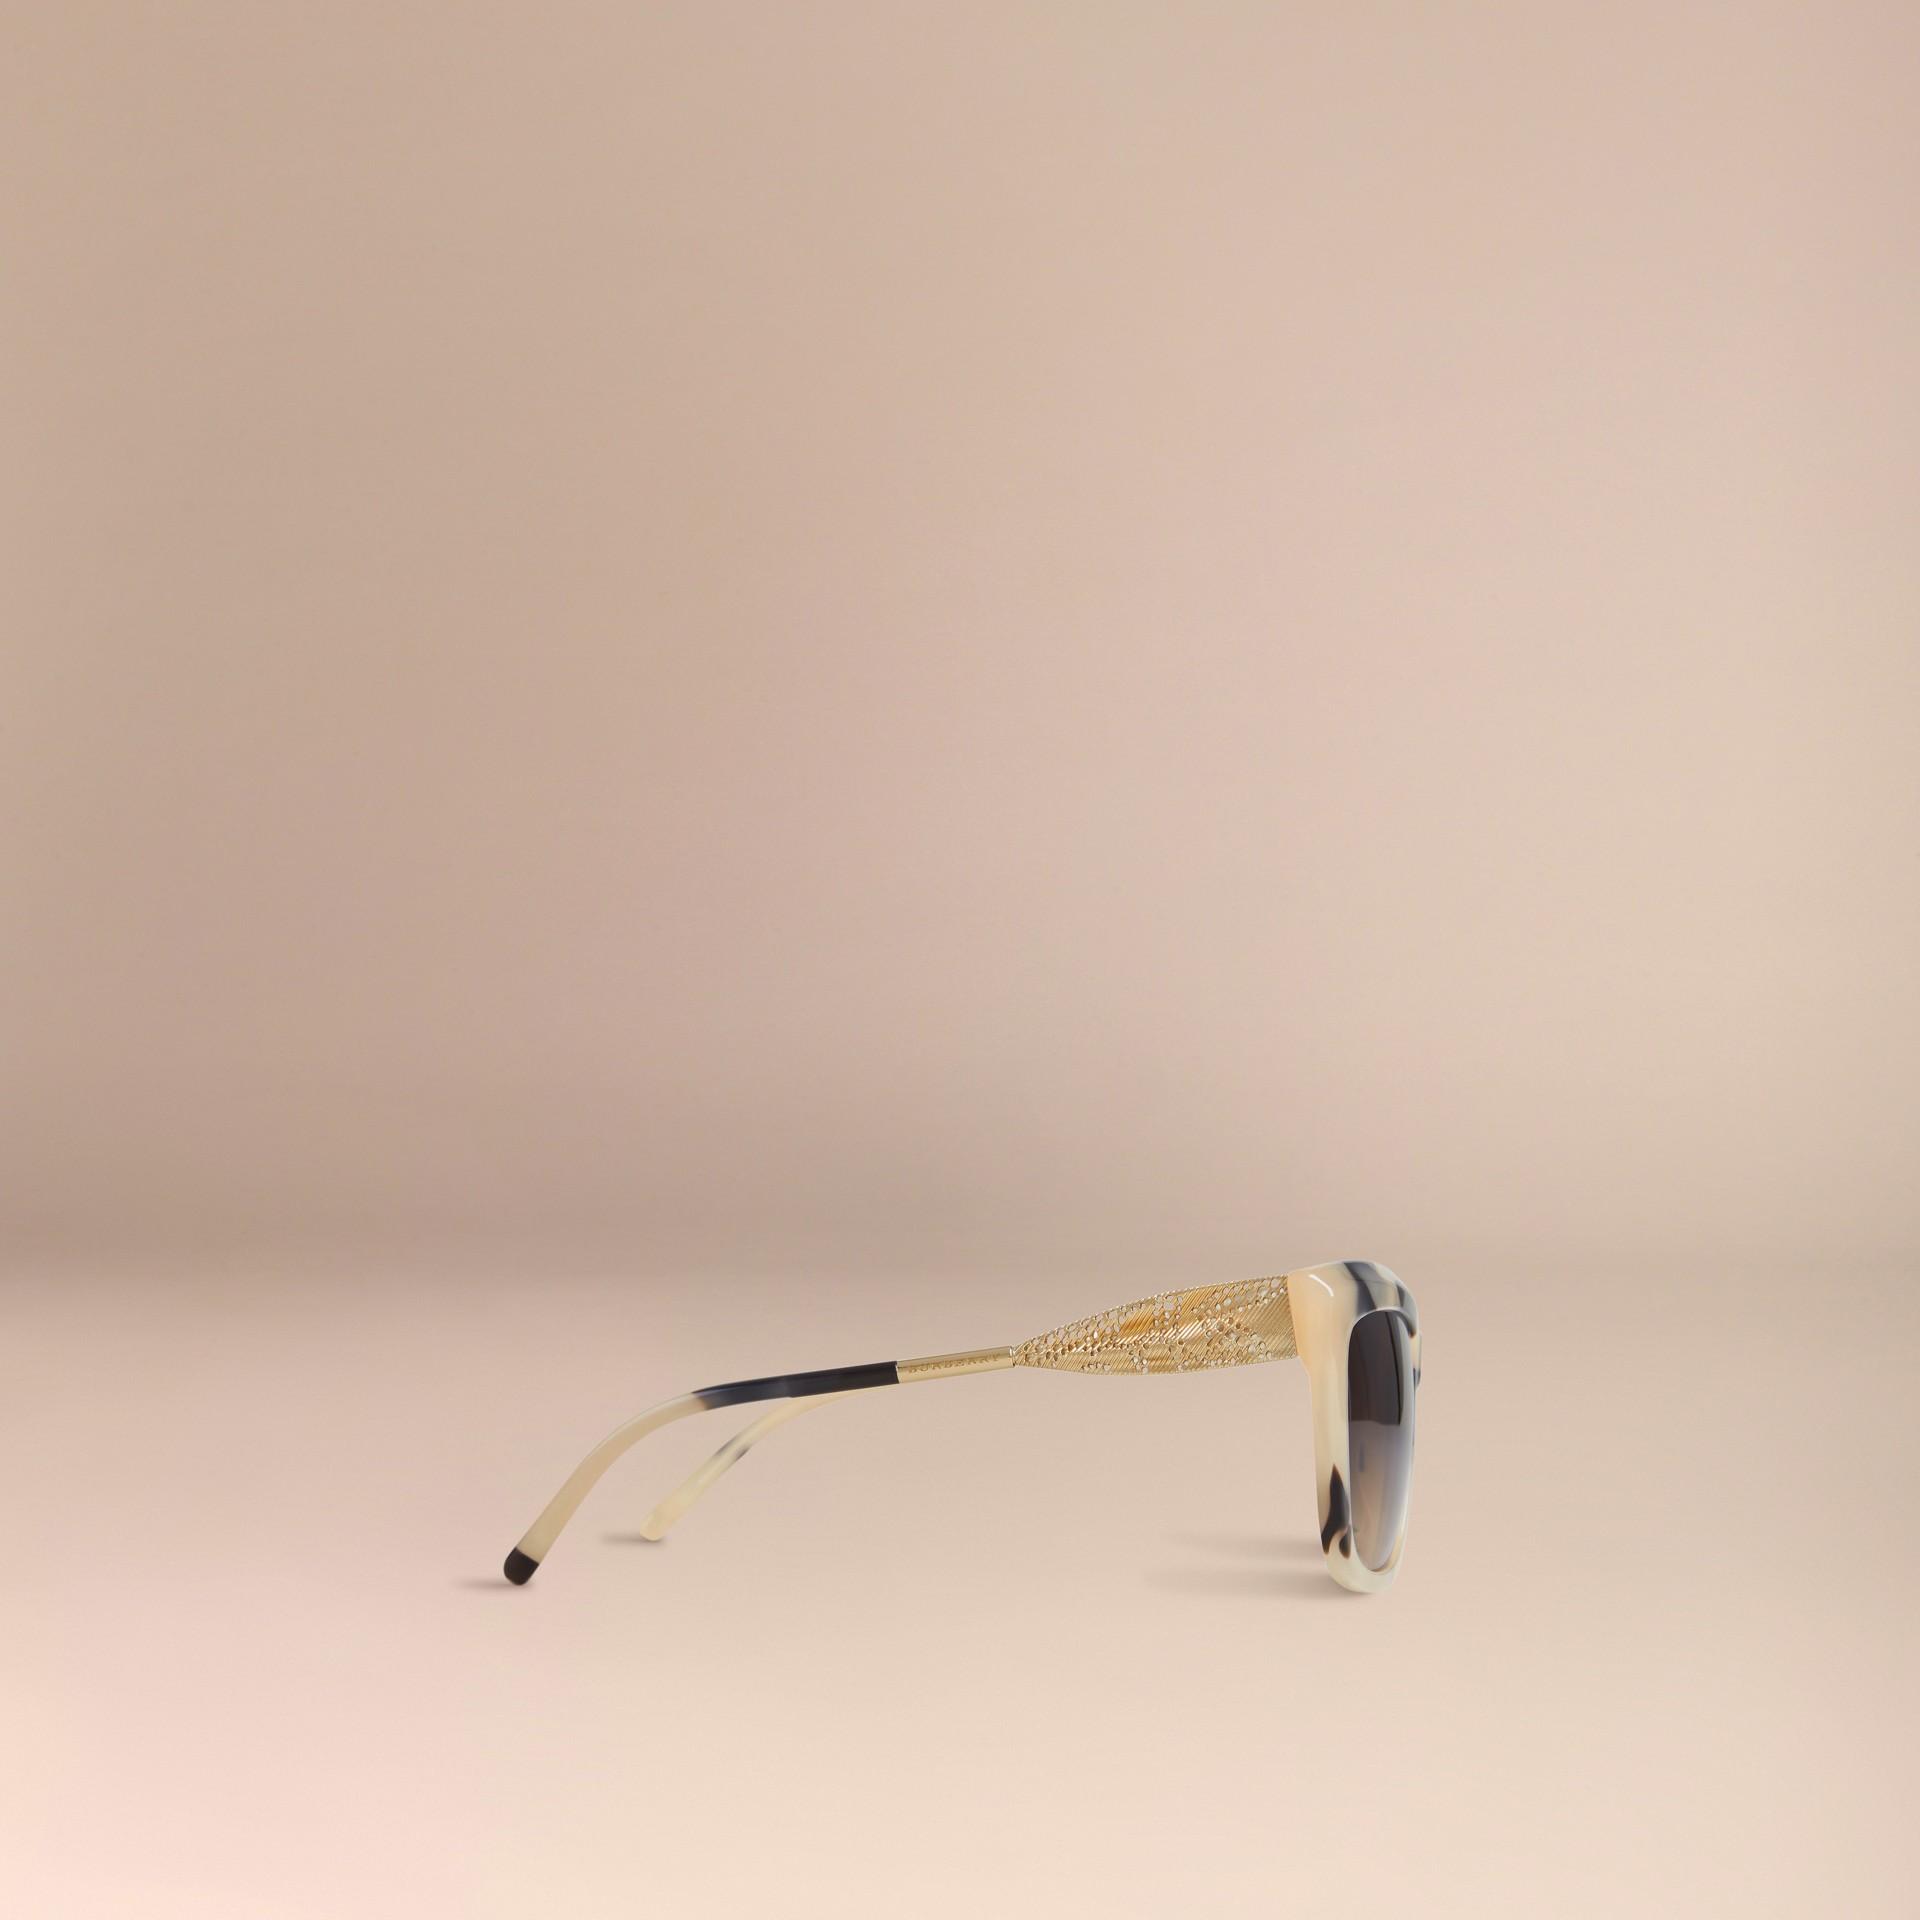 Tartarugato tonalità media Occhiali da sole con montatura quadrata collezione Pizzo di Gabardine Tartarugato Tonalità Media - immagine della galleria 5